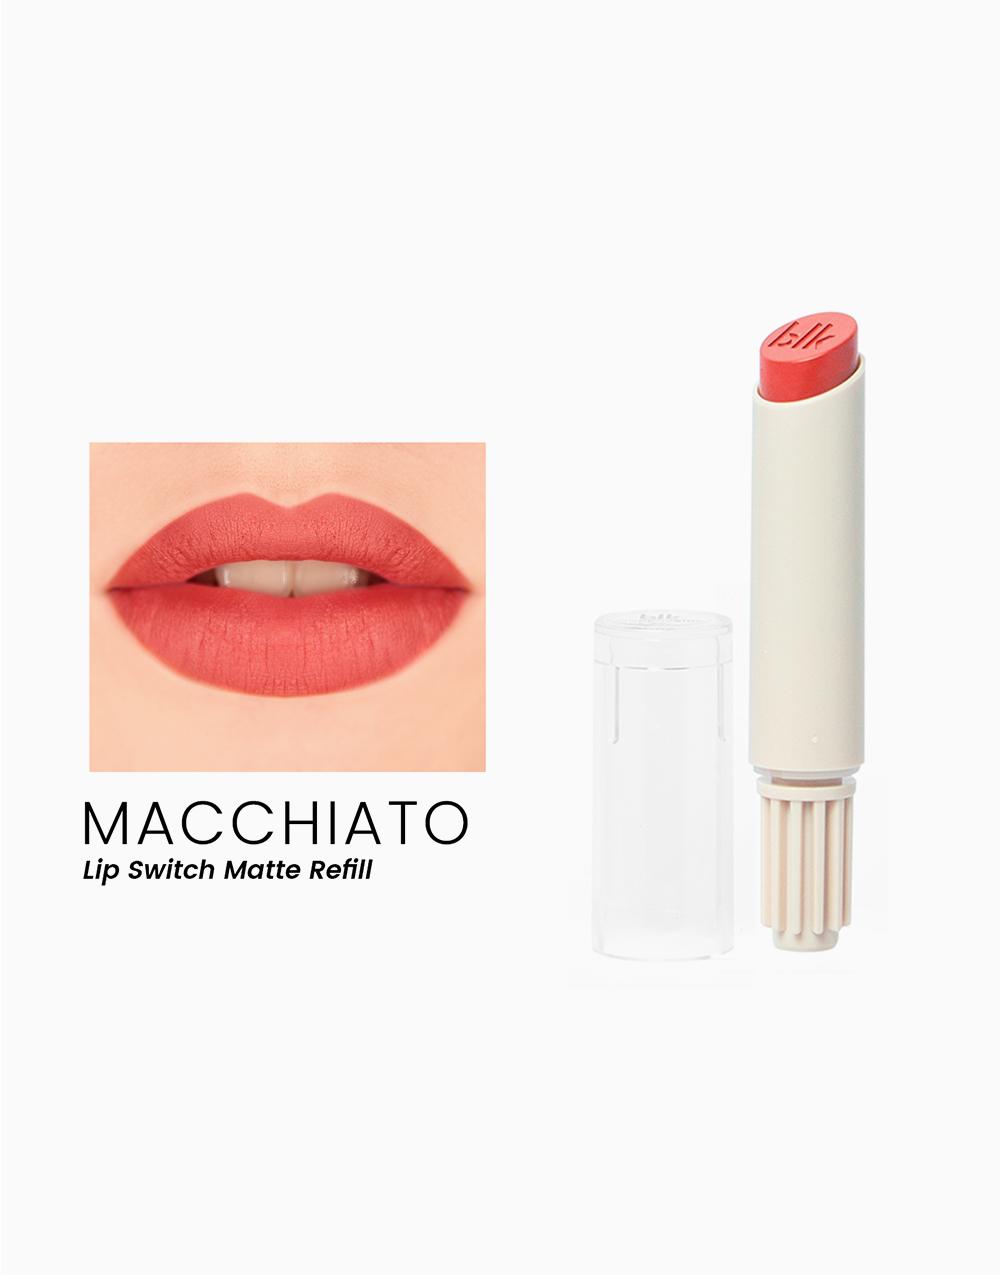 Lip Switch Refill Matte Lippie by BLK Cosmetics | Macchiato